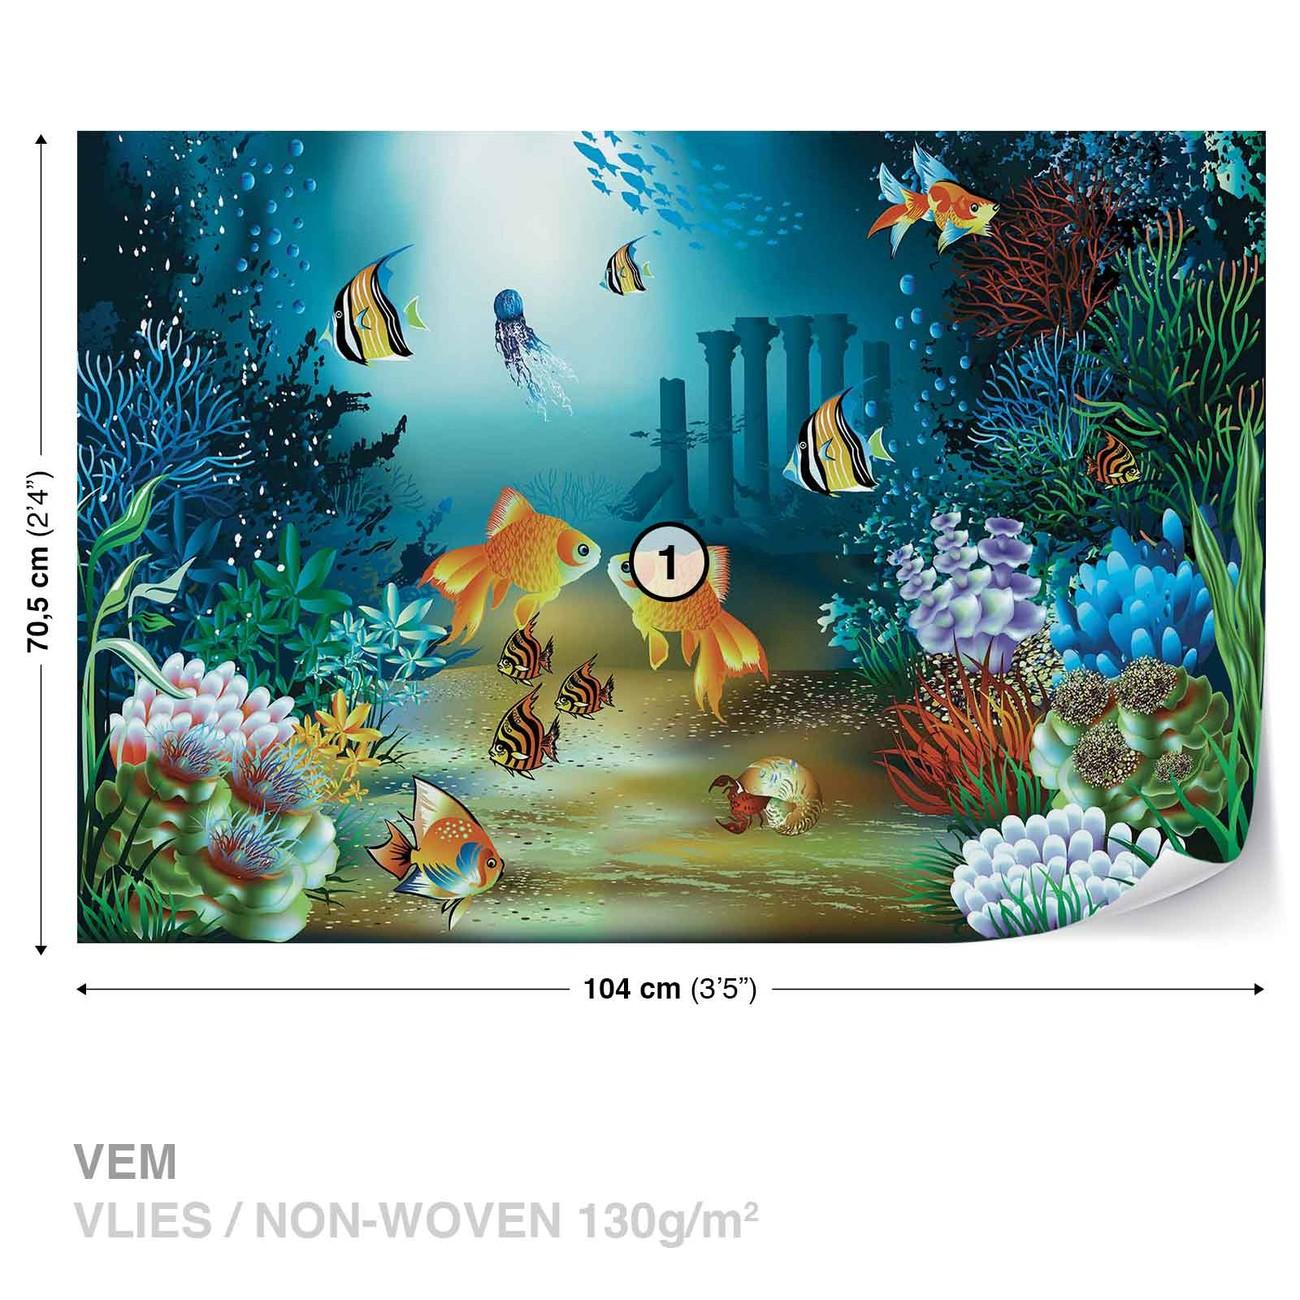 poisson et coraux dans la mer poster mural papier peint acheter le sur. Black Bedroom Furniture Sets. Home Design Ideas